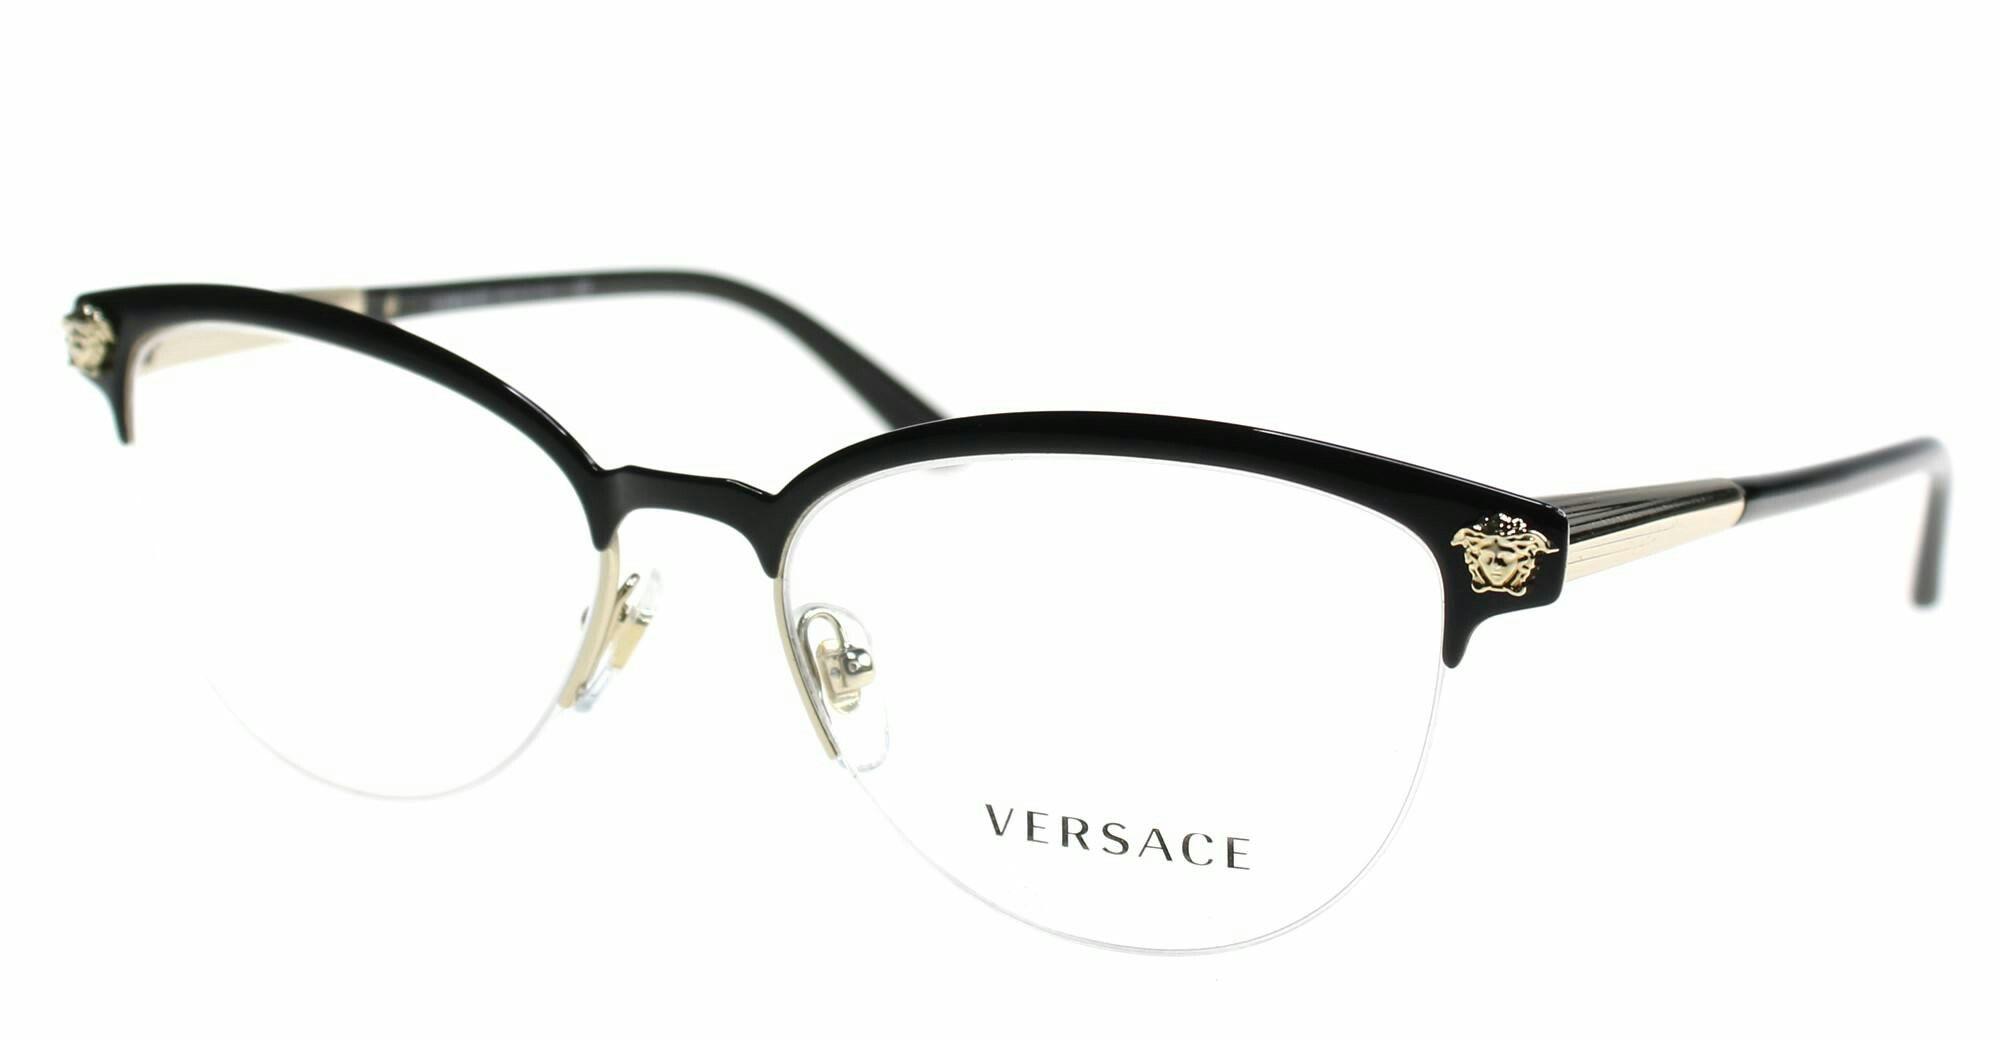 Versace eye glases 2017 Szemüveg 9fdbe60069